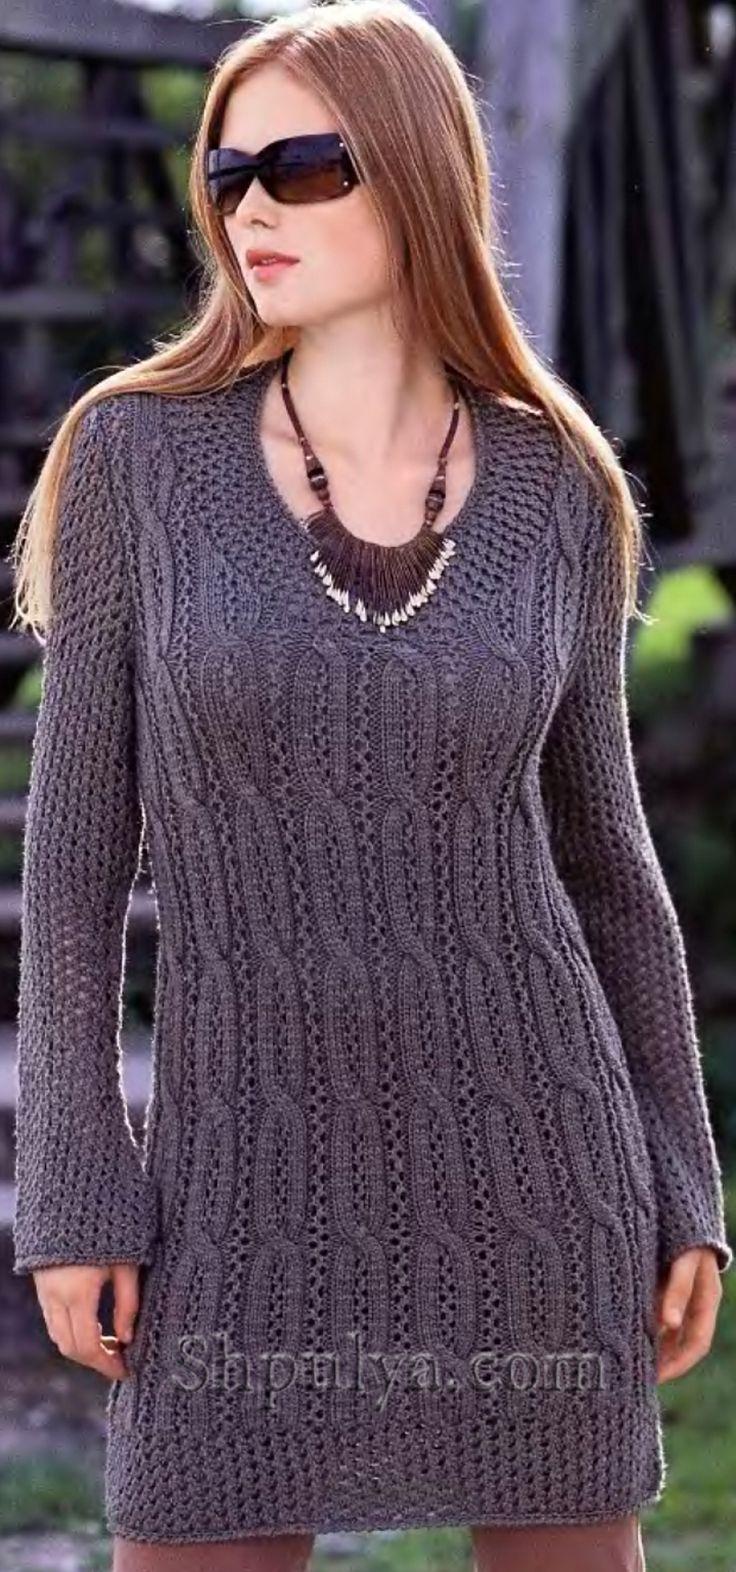 Платье-пуловер с сетчатым узором, вязаное спицами